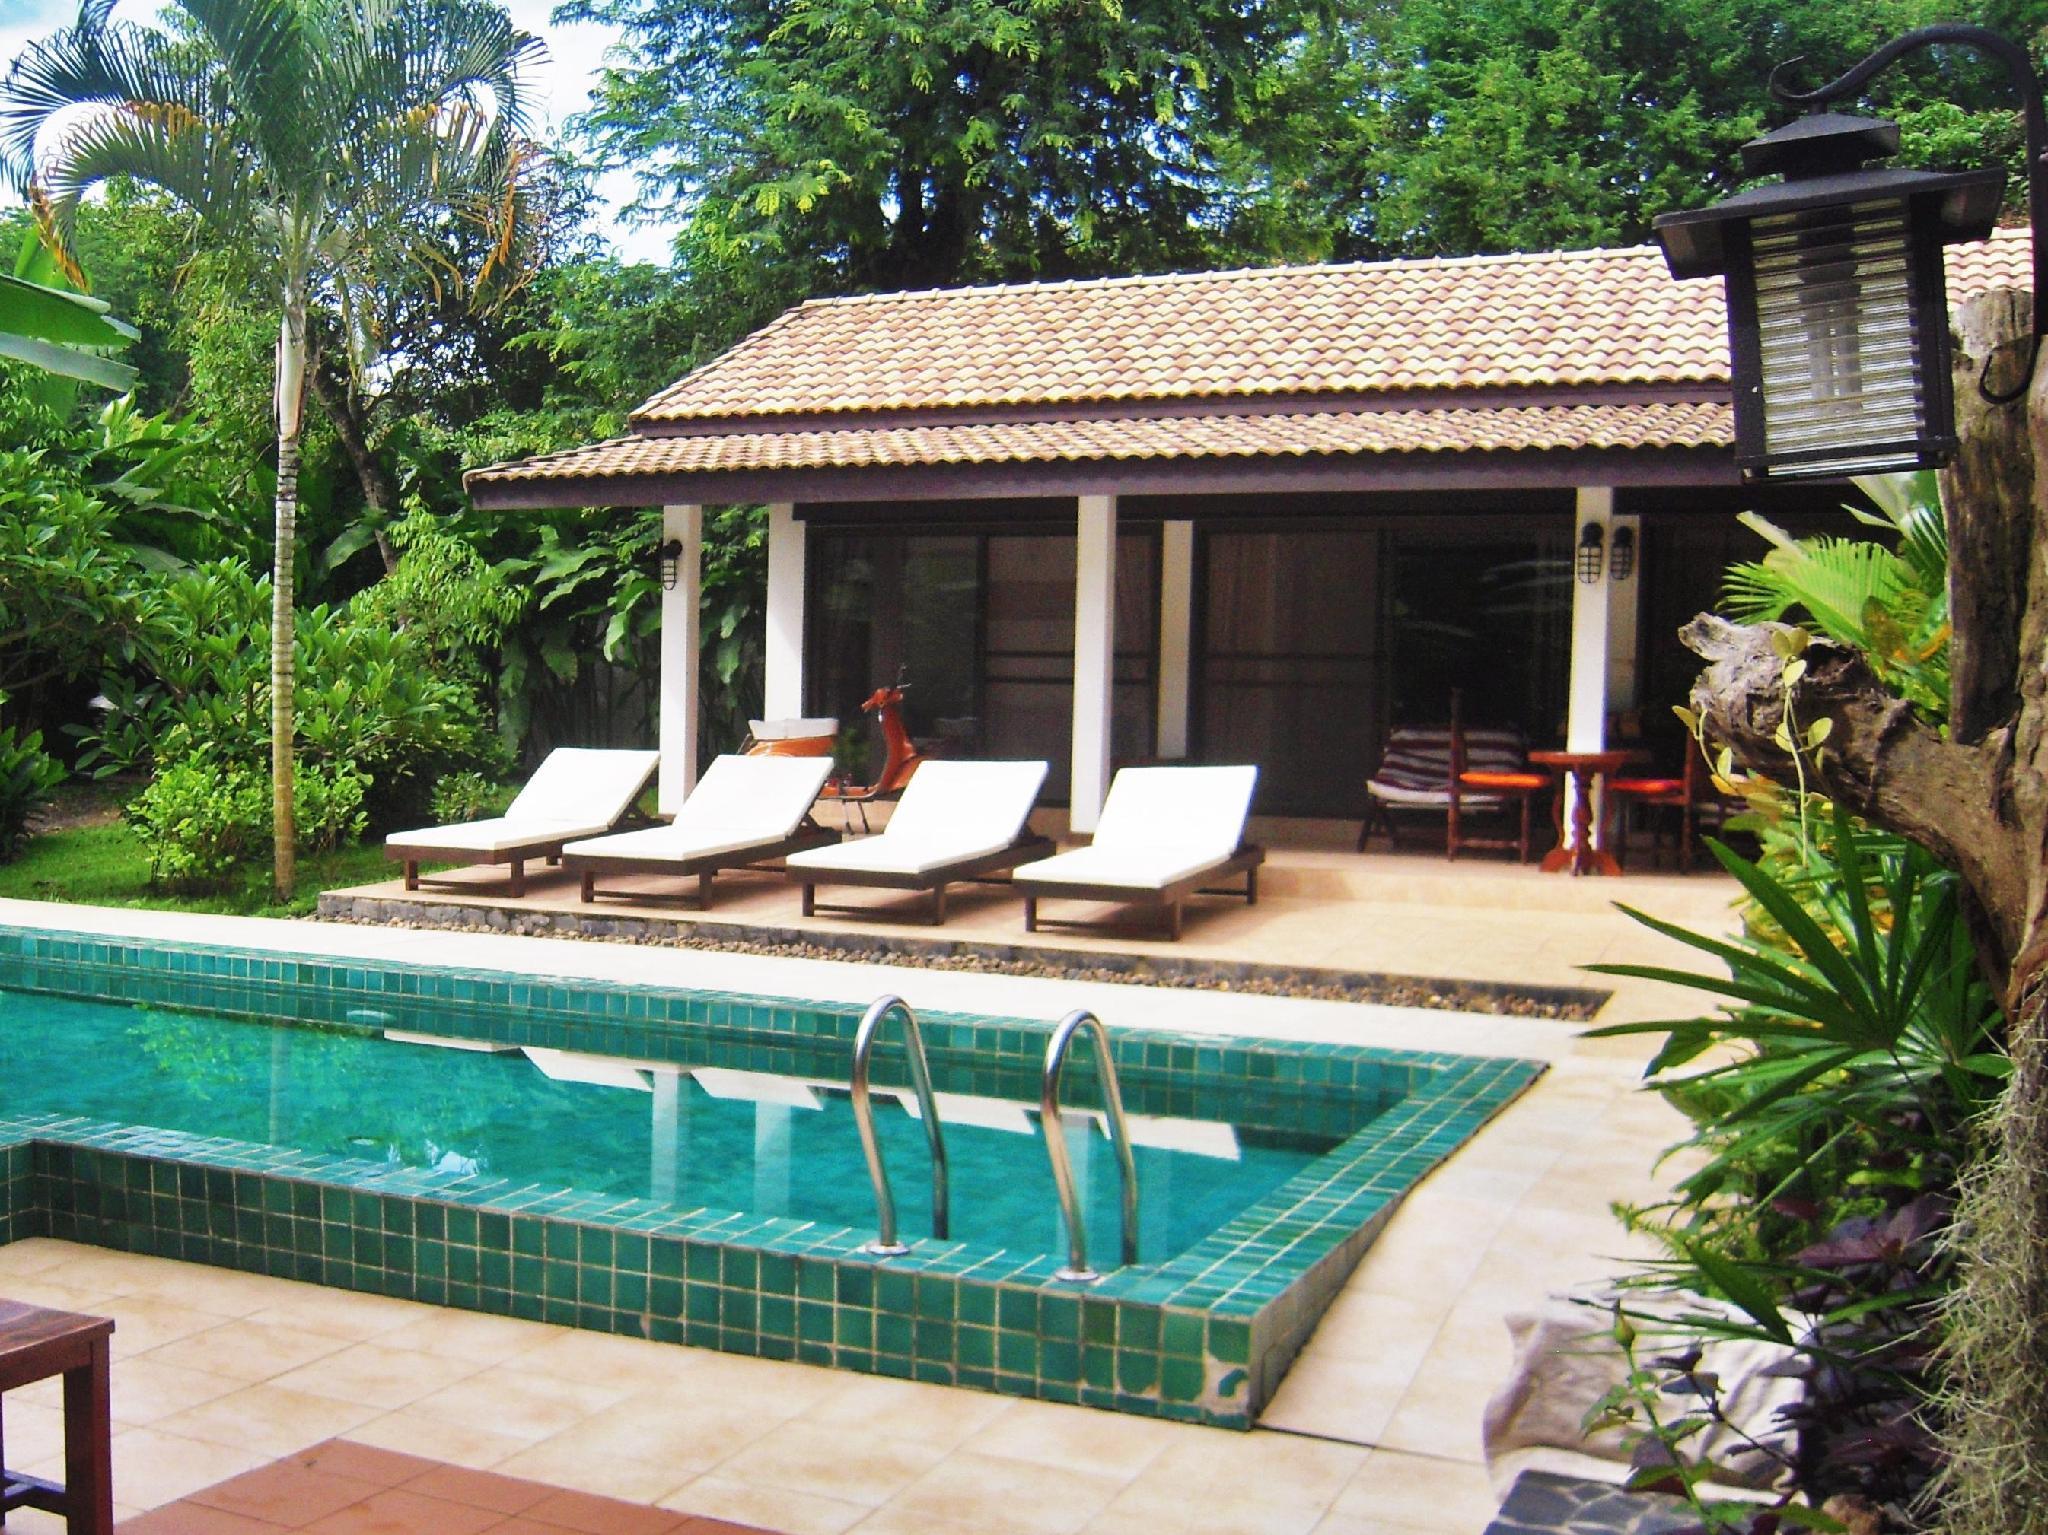 Nova Maetaeng Guest House - Chiang Mai